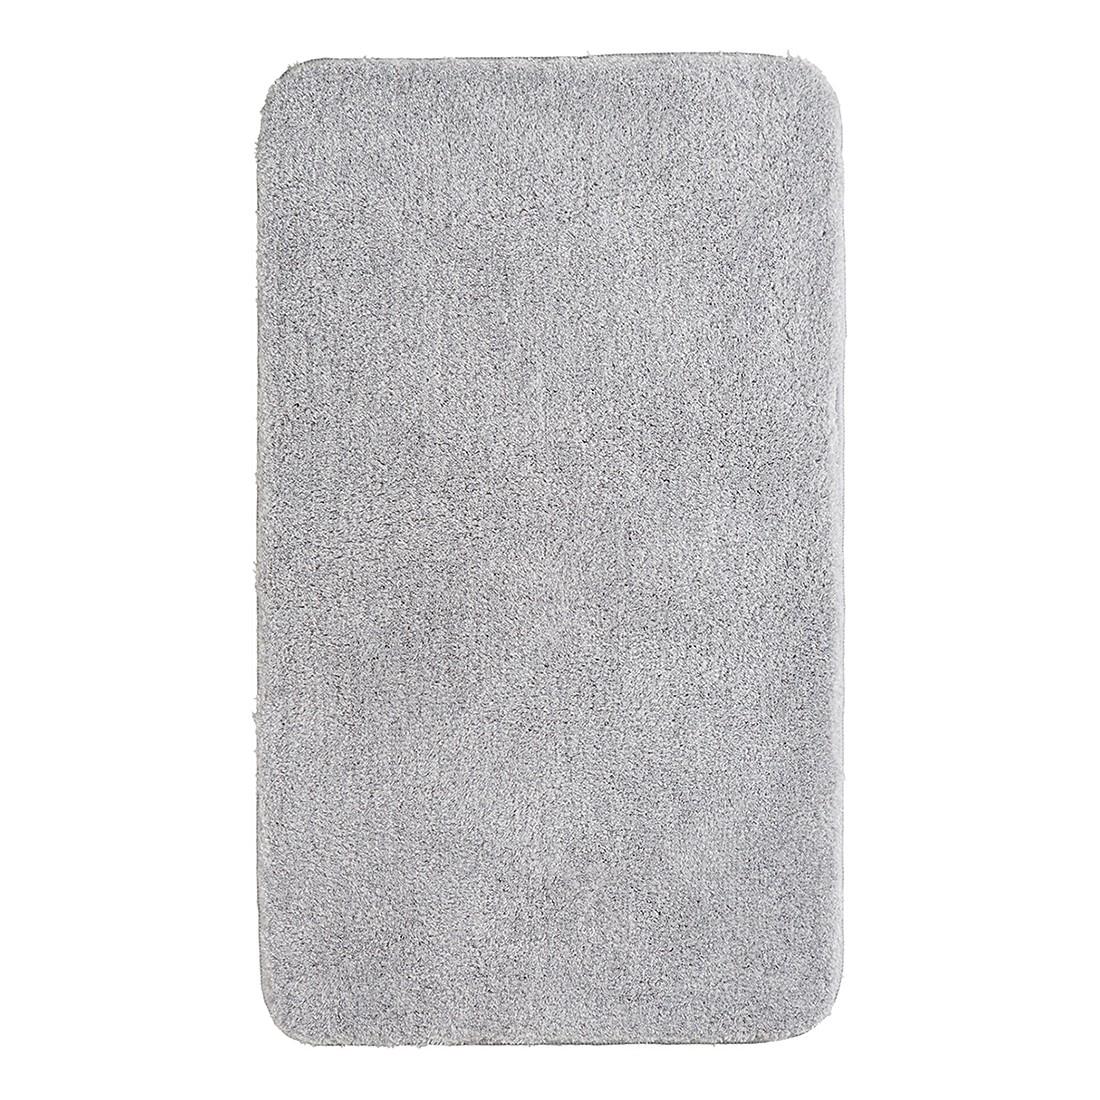 badteppich melos silber wc vorlage ohne ausschnitt grund jetzt kaufen. Black Bedroom Furniture Sets. Home Design Ideas